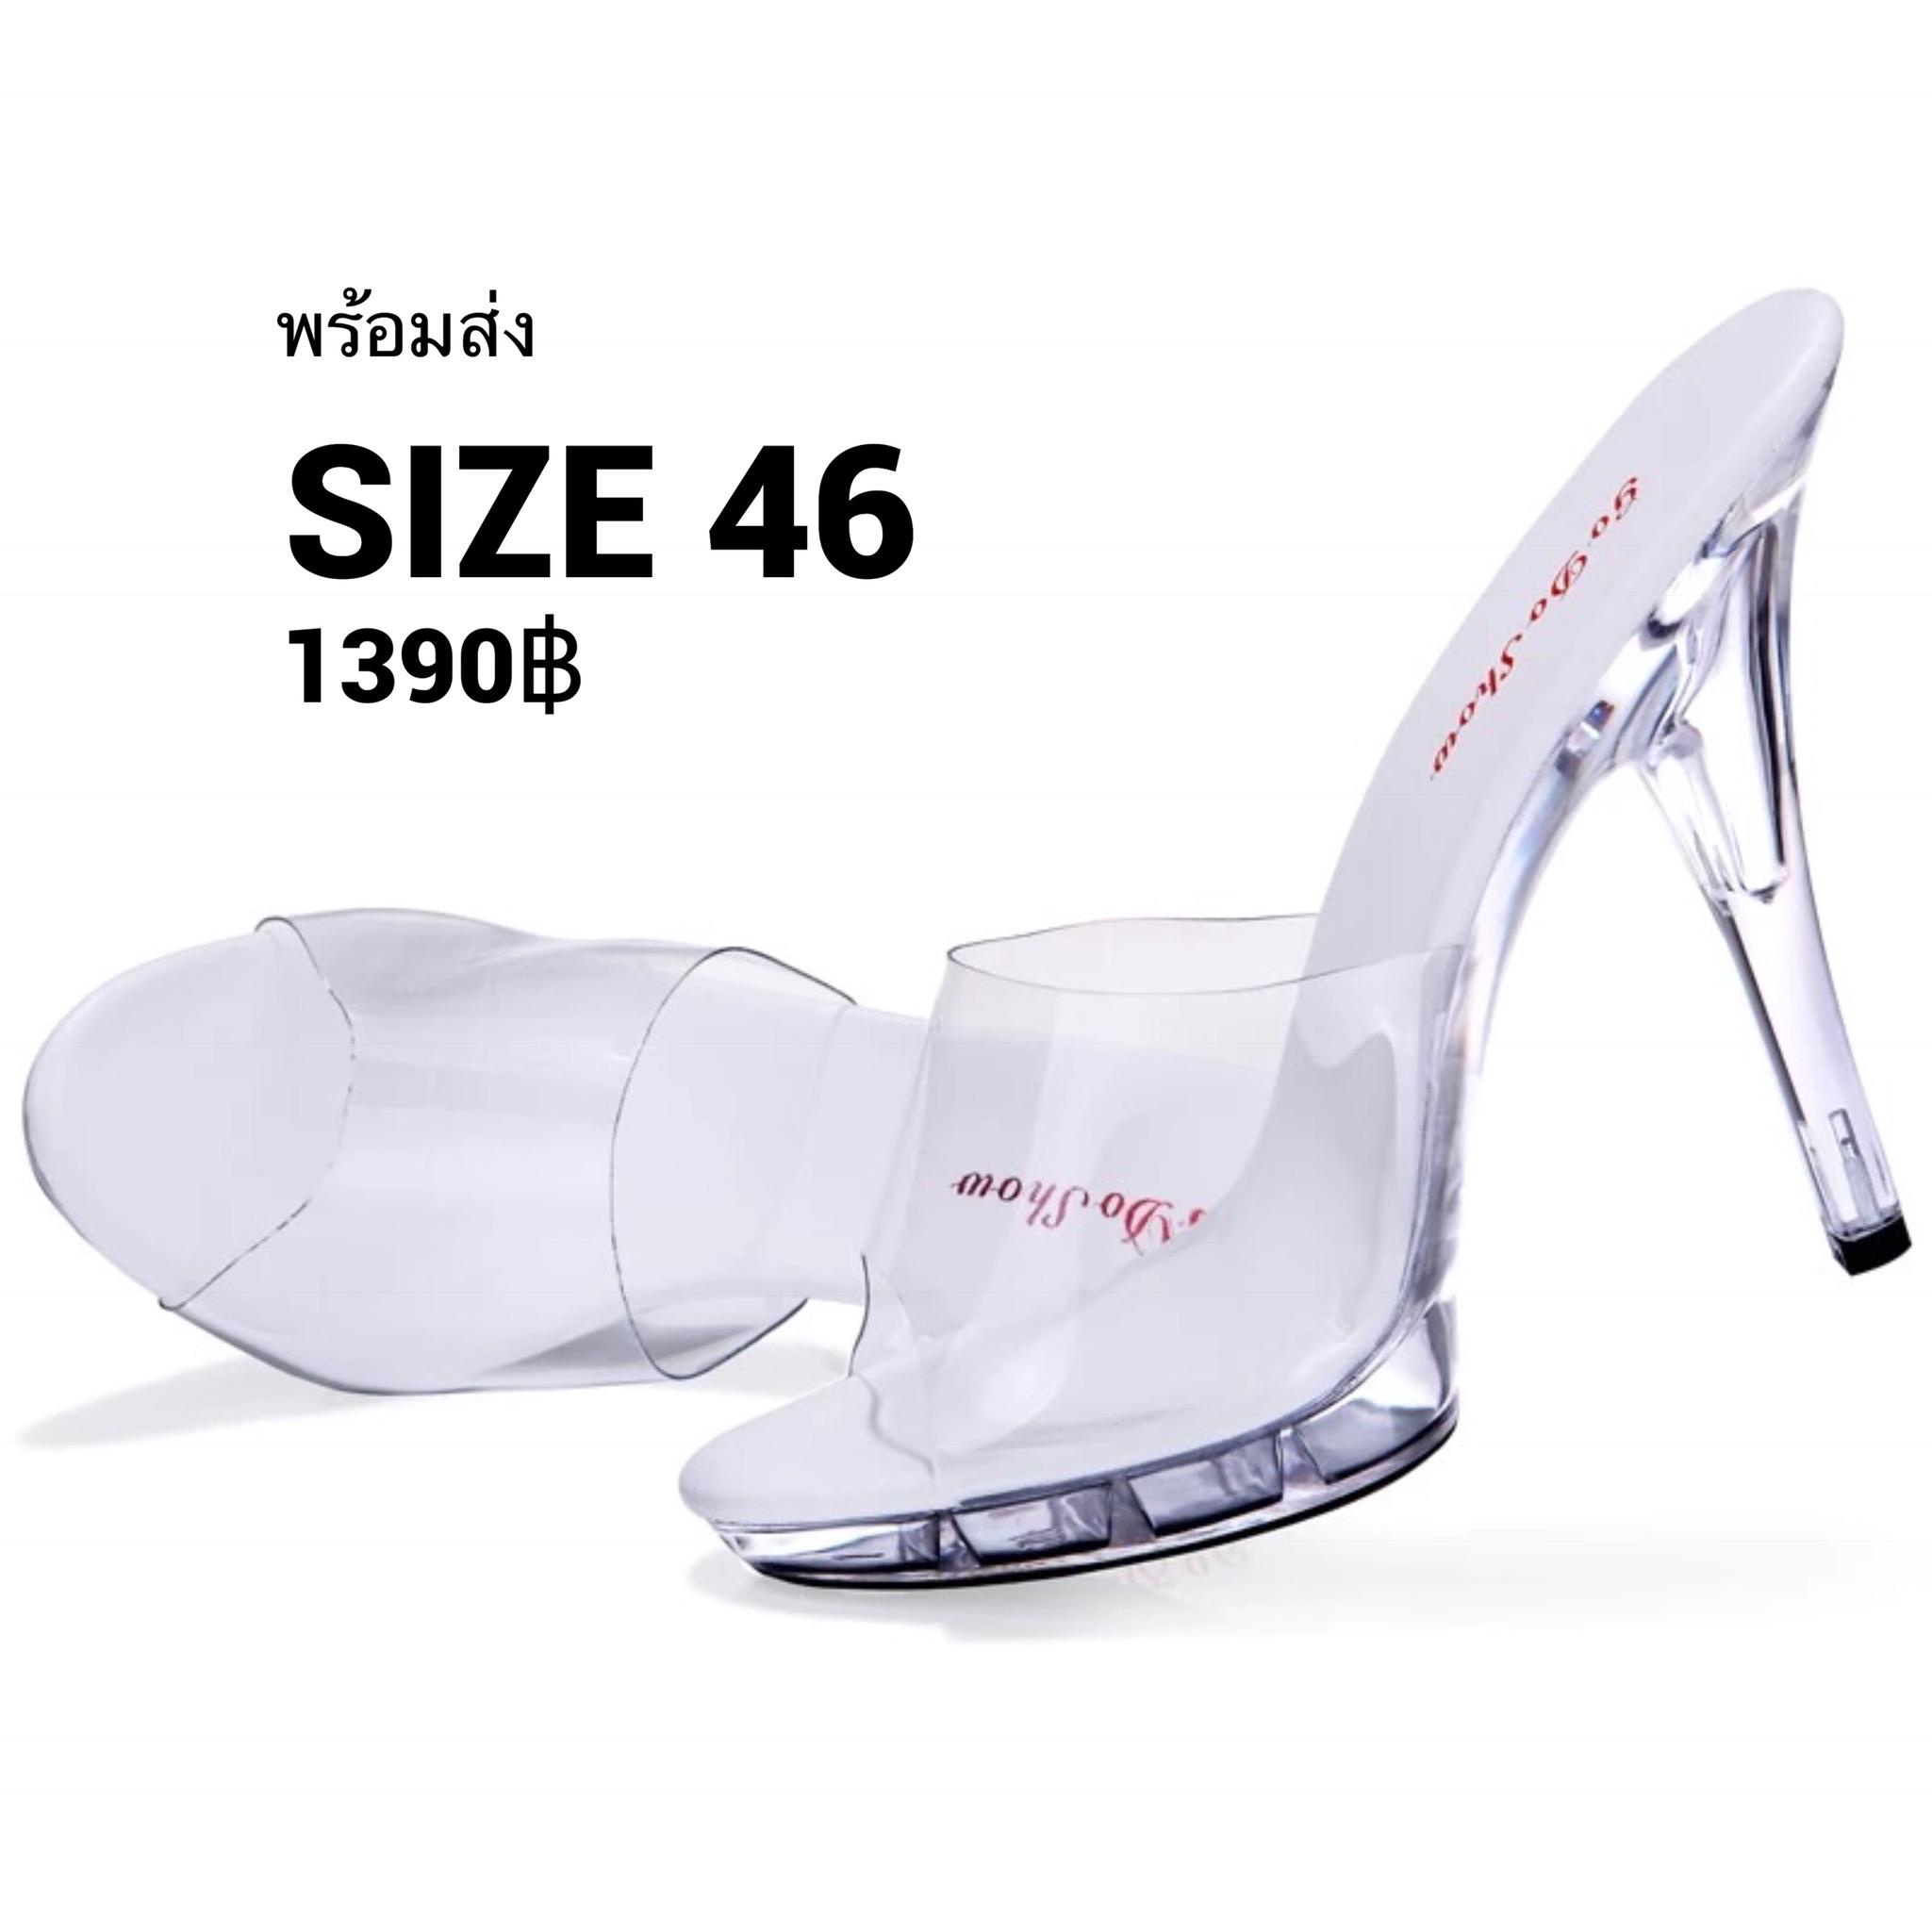 รองเท้าแก้วส้นสูงไซส์ใหญ่ 46 สูง 4.5 นิ้ว พลาสติกใส สีขาว รุ่น KR0539